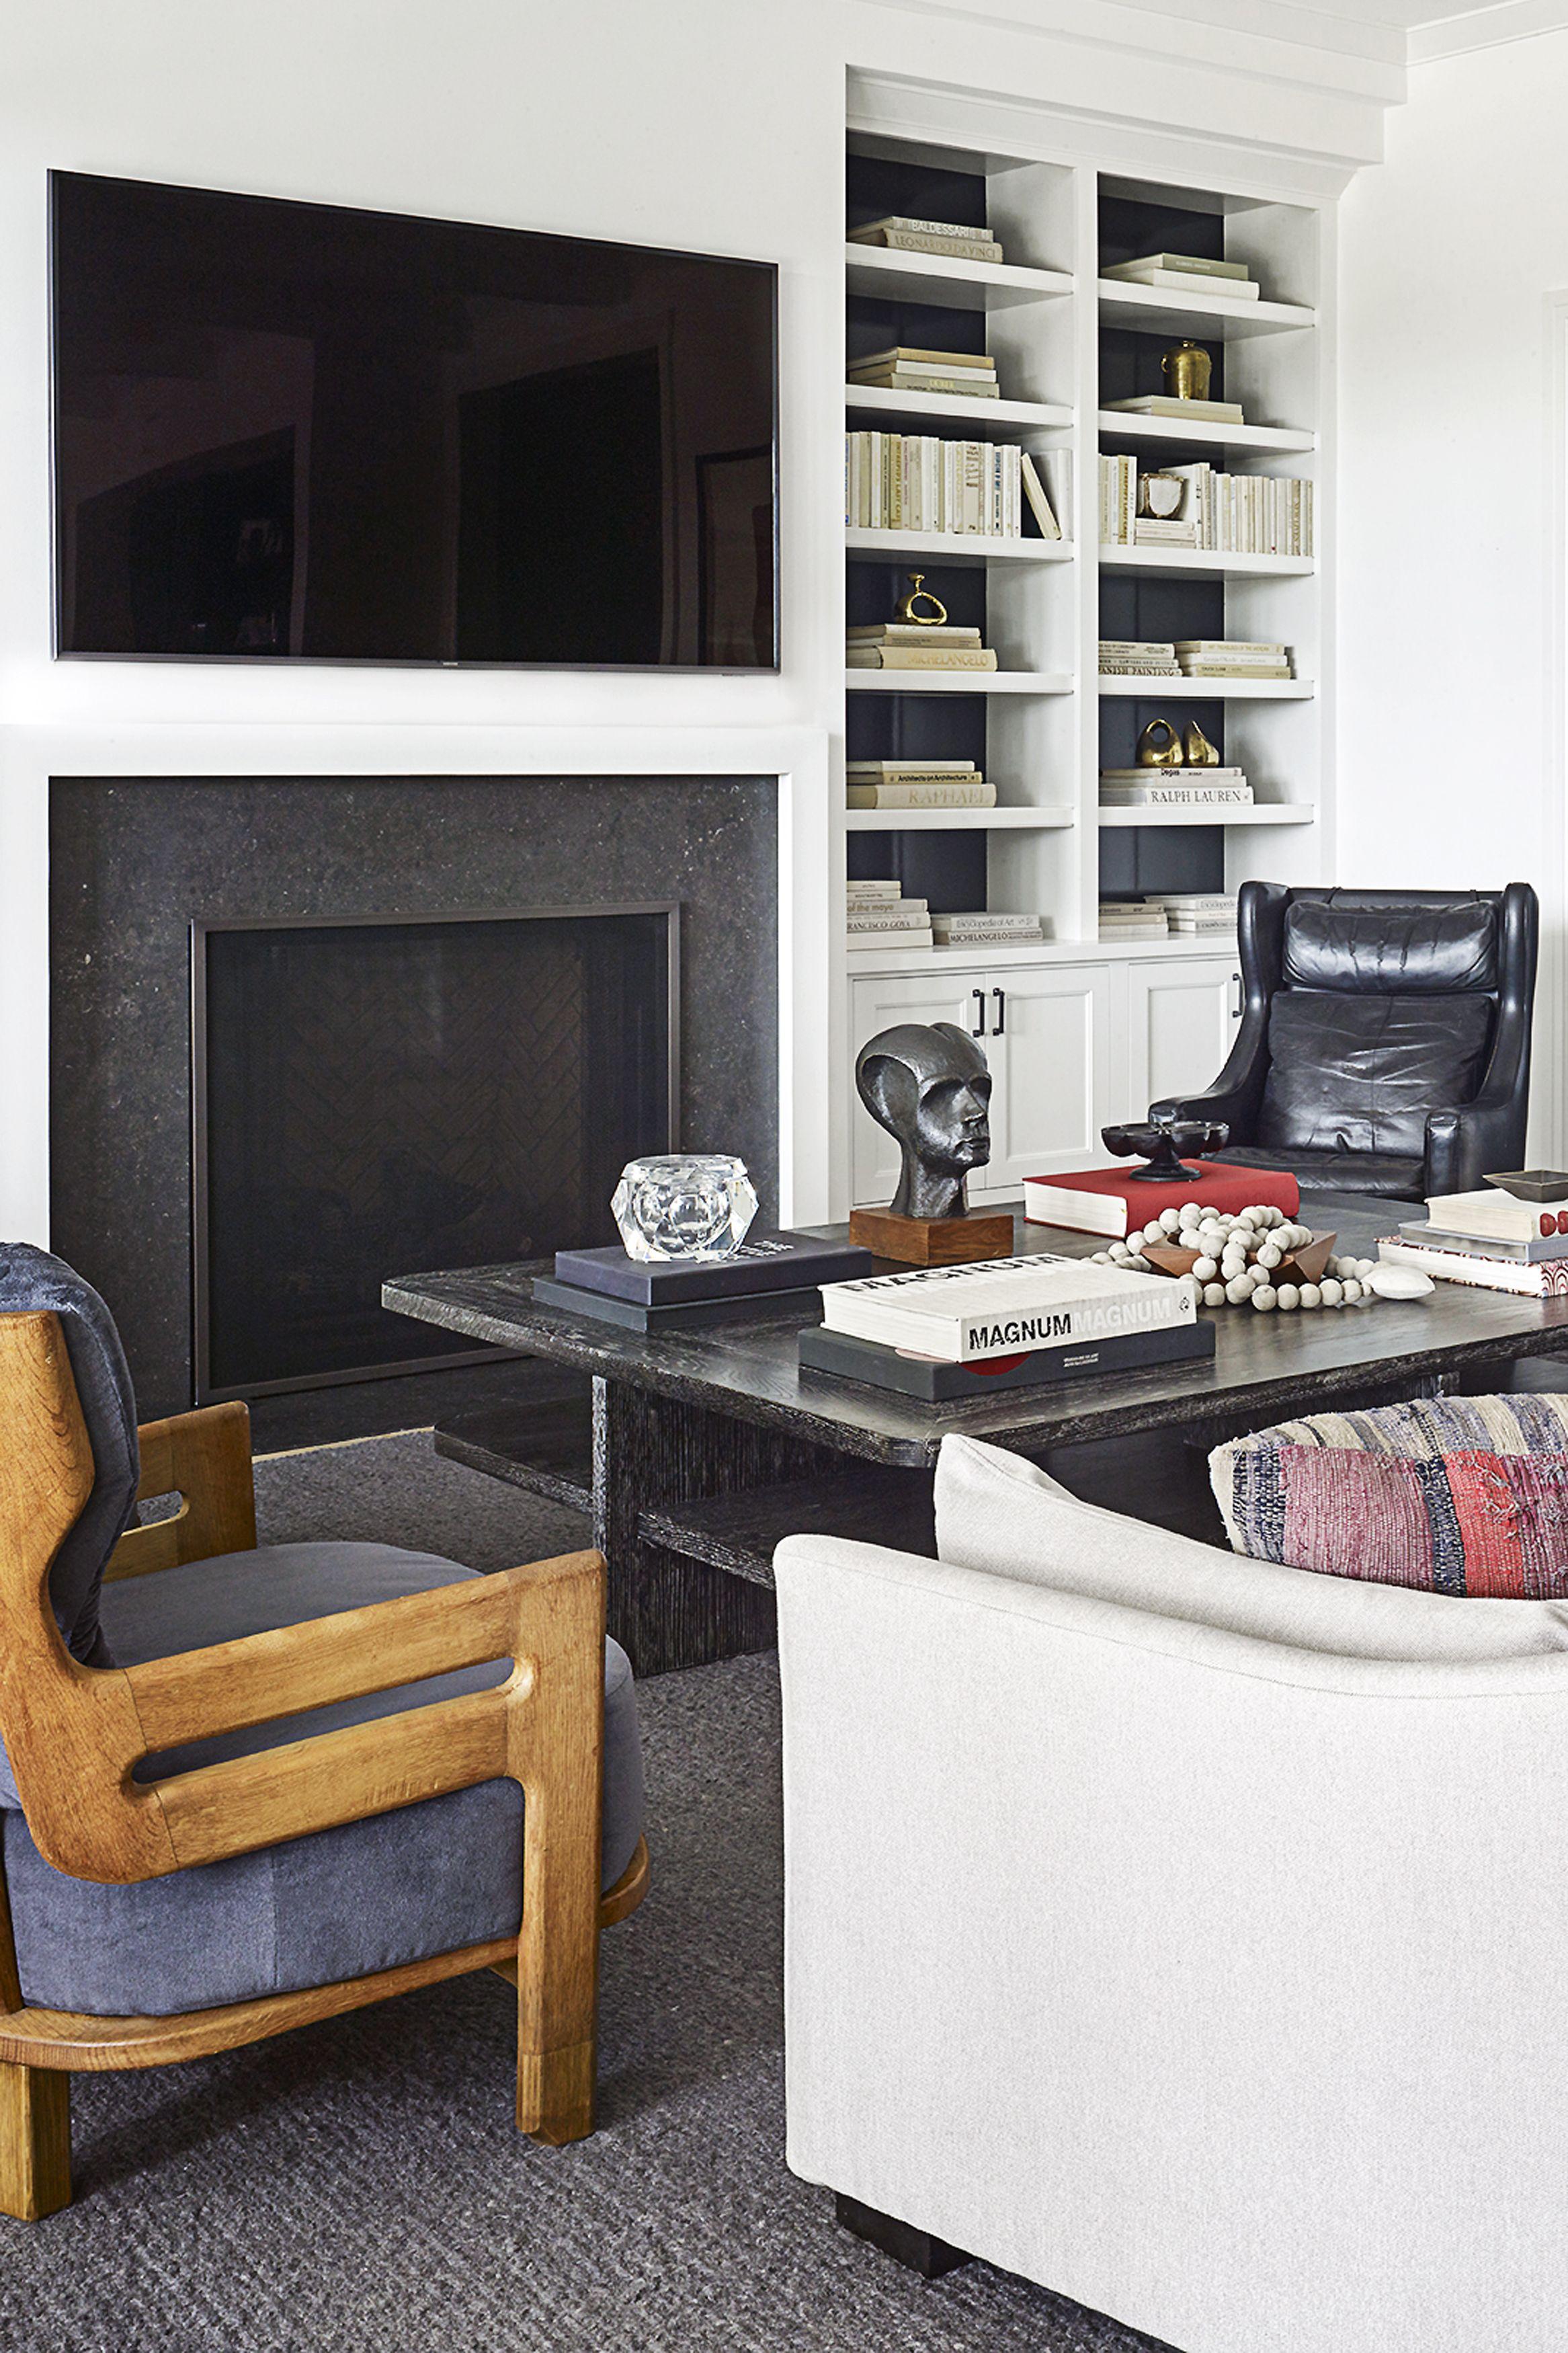 Interior furniture design ideas Apartment 50 Inspiring Living Room Decorating Ideas Elle Decor 51 Best Living Room Ideas Stylish Living Room Decorating Designs